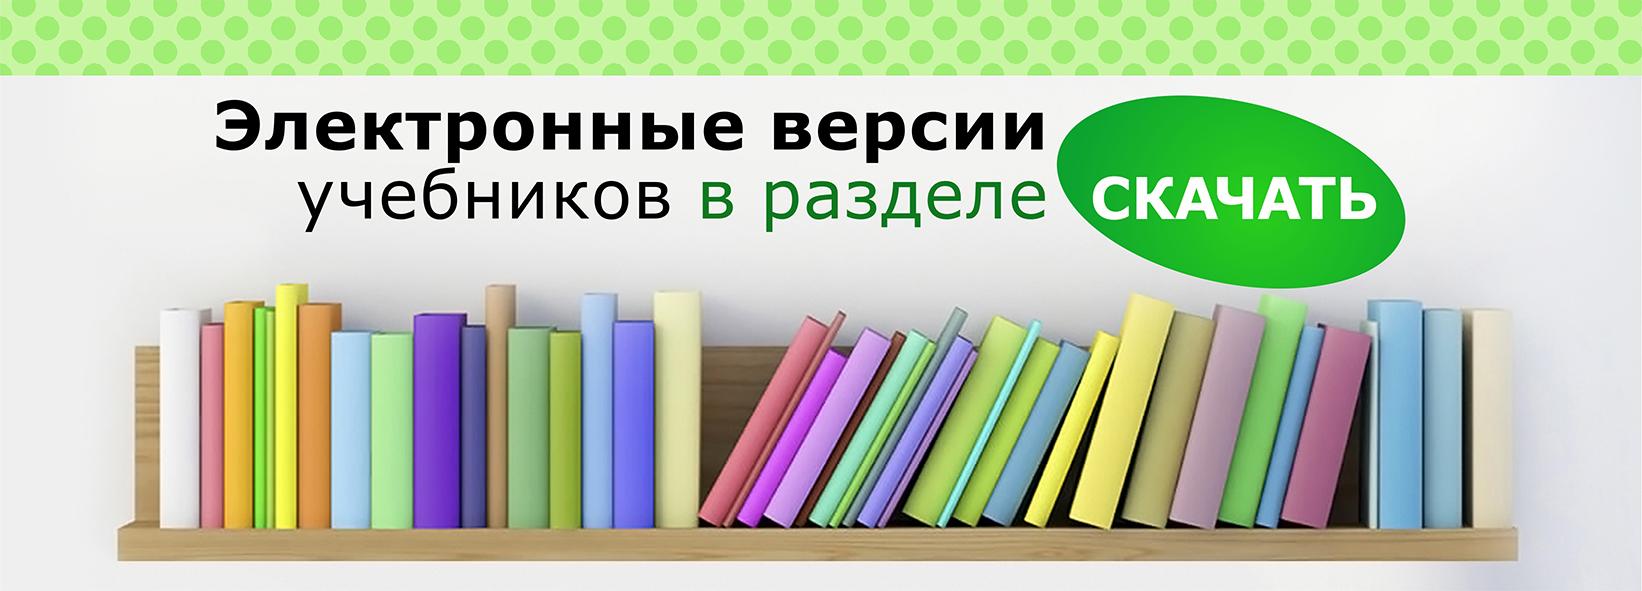 Электронные учебники беларуси скачать бесплатно